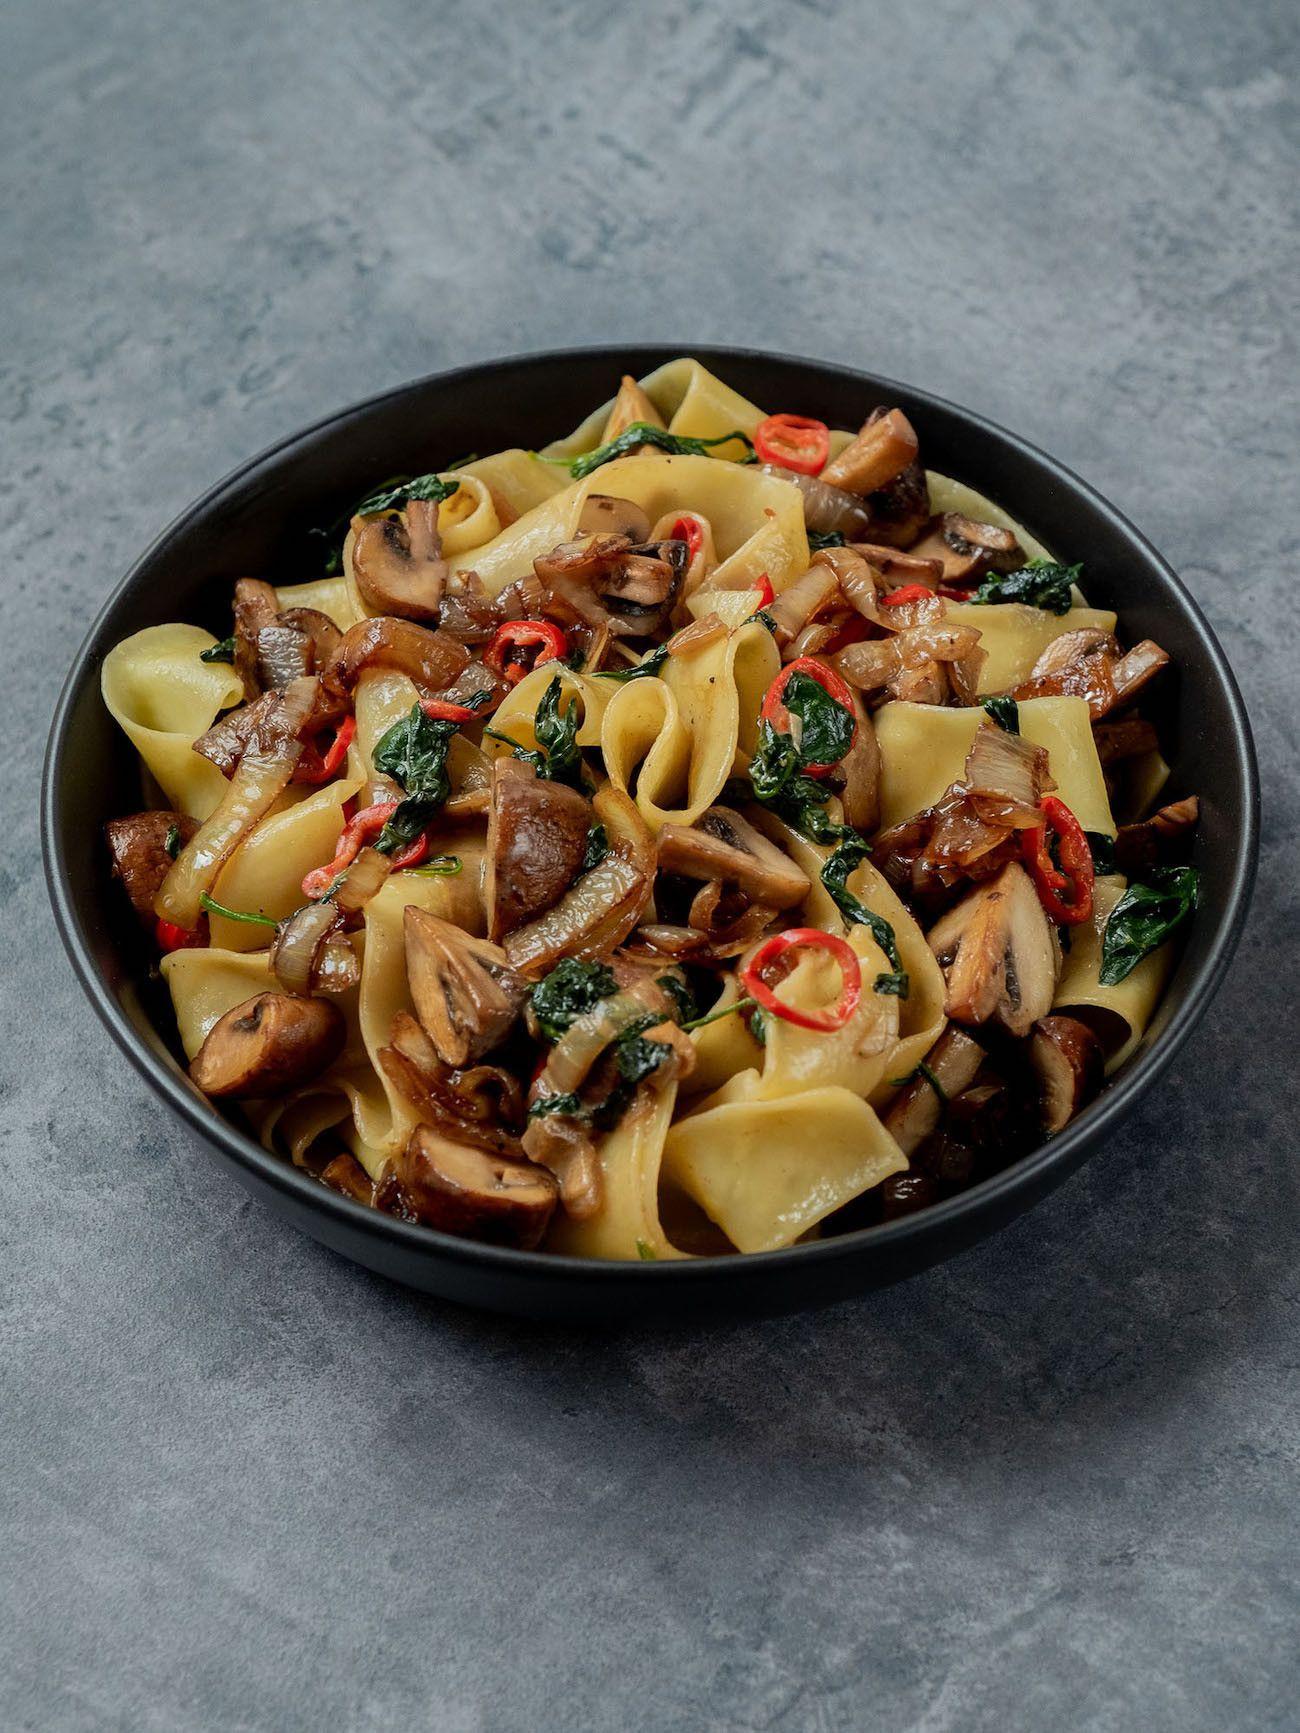 Foodblog About Fuel_Papardelle mit Champignons, Spinat und Balsamico Zwiebeln, Teller, Chili